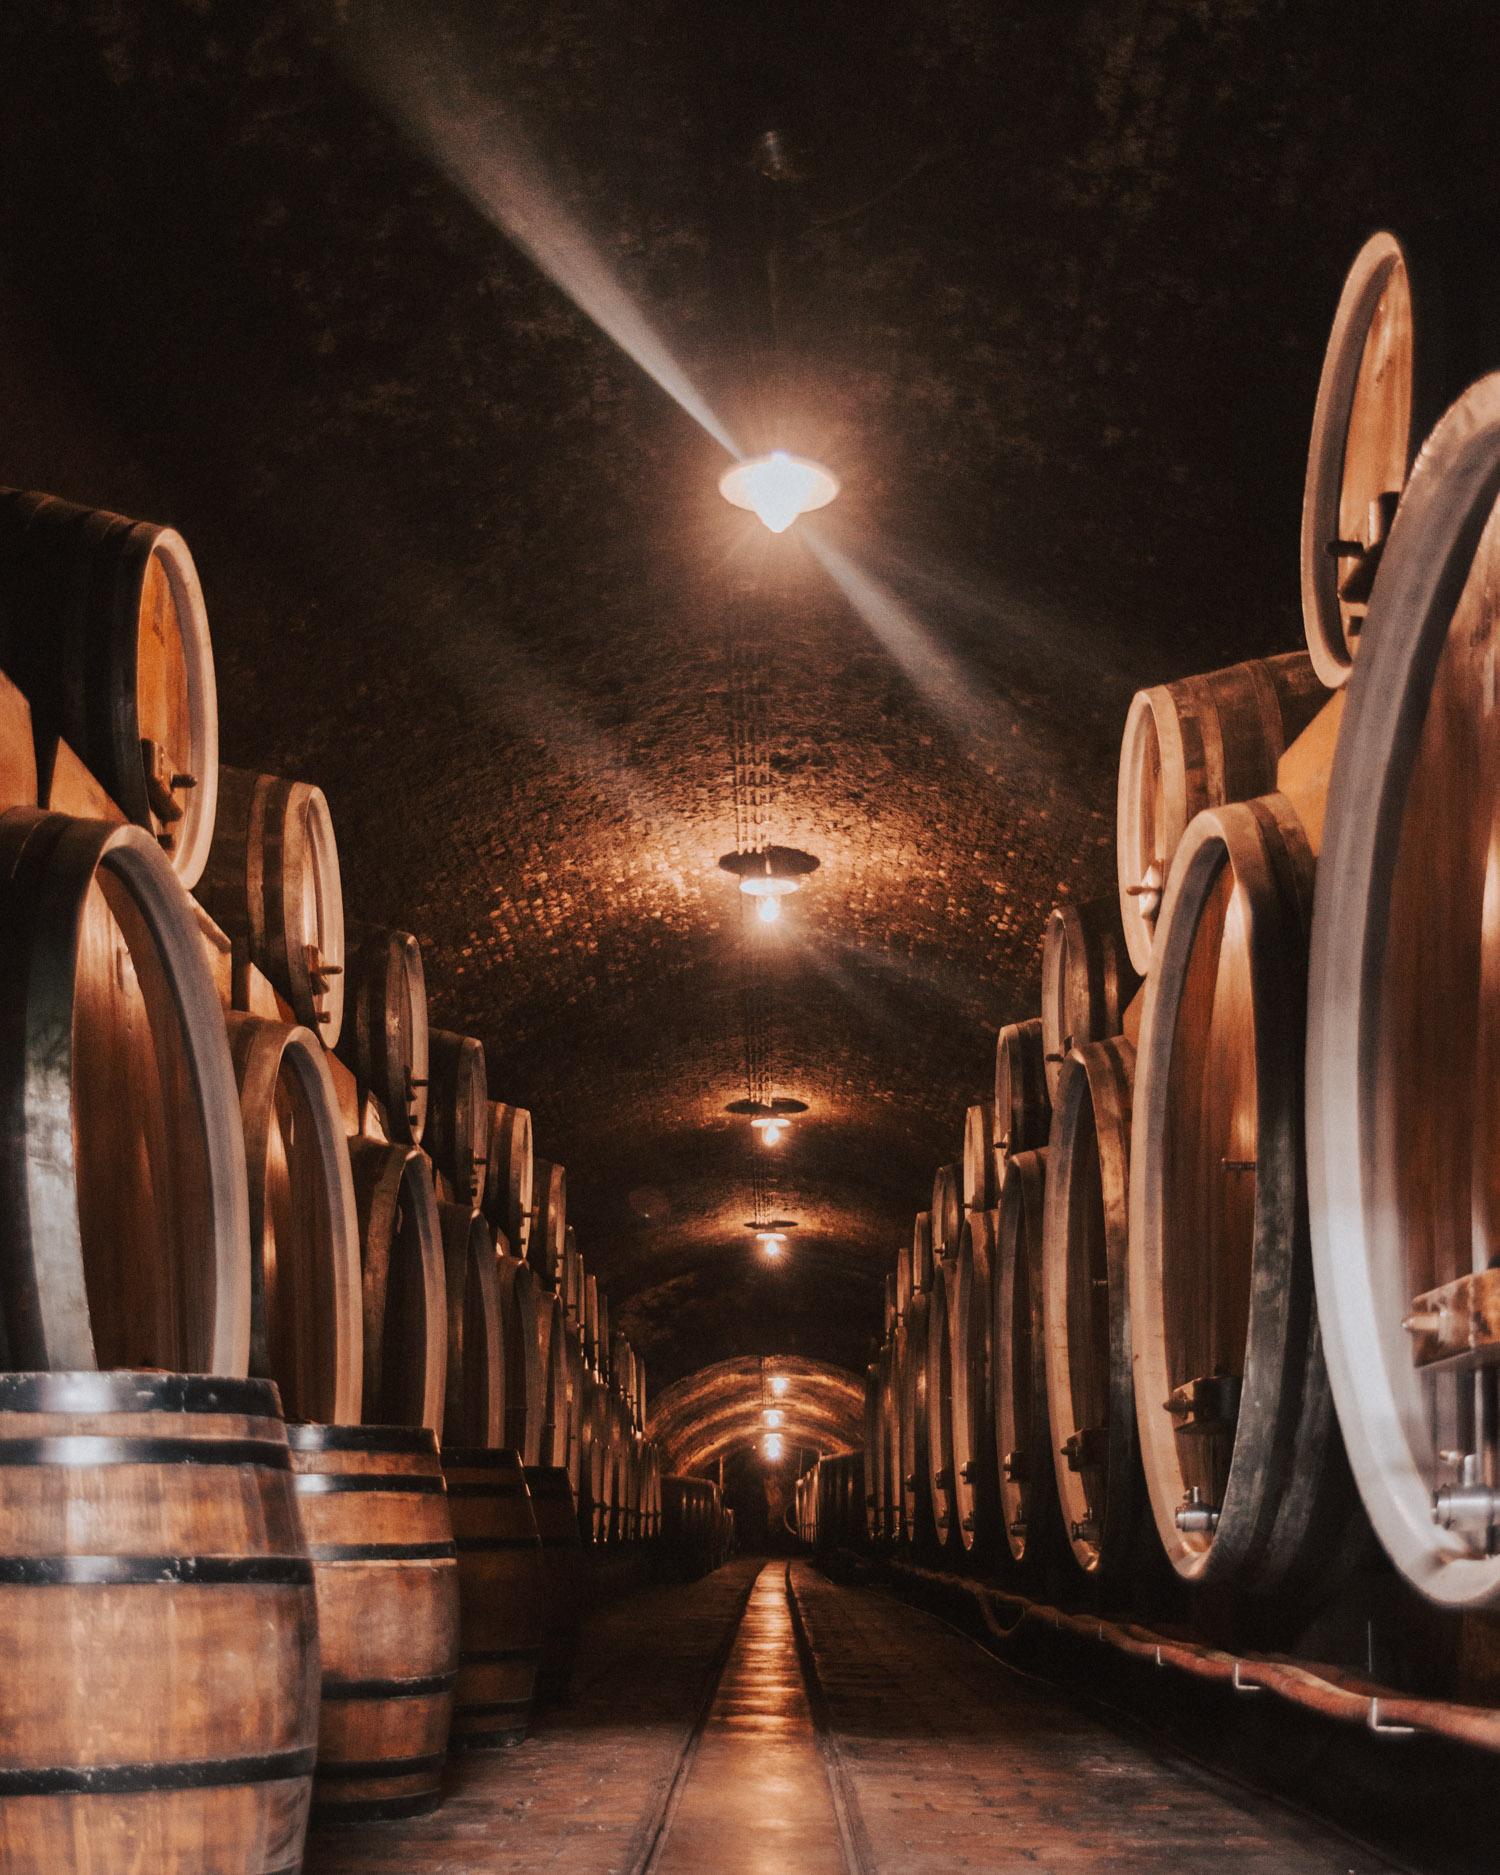 Iločki Podrumi |Wines from the Croatian Danube Wine Region